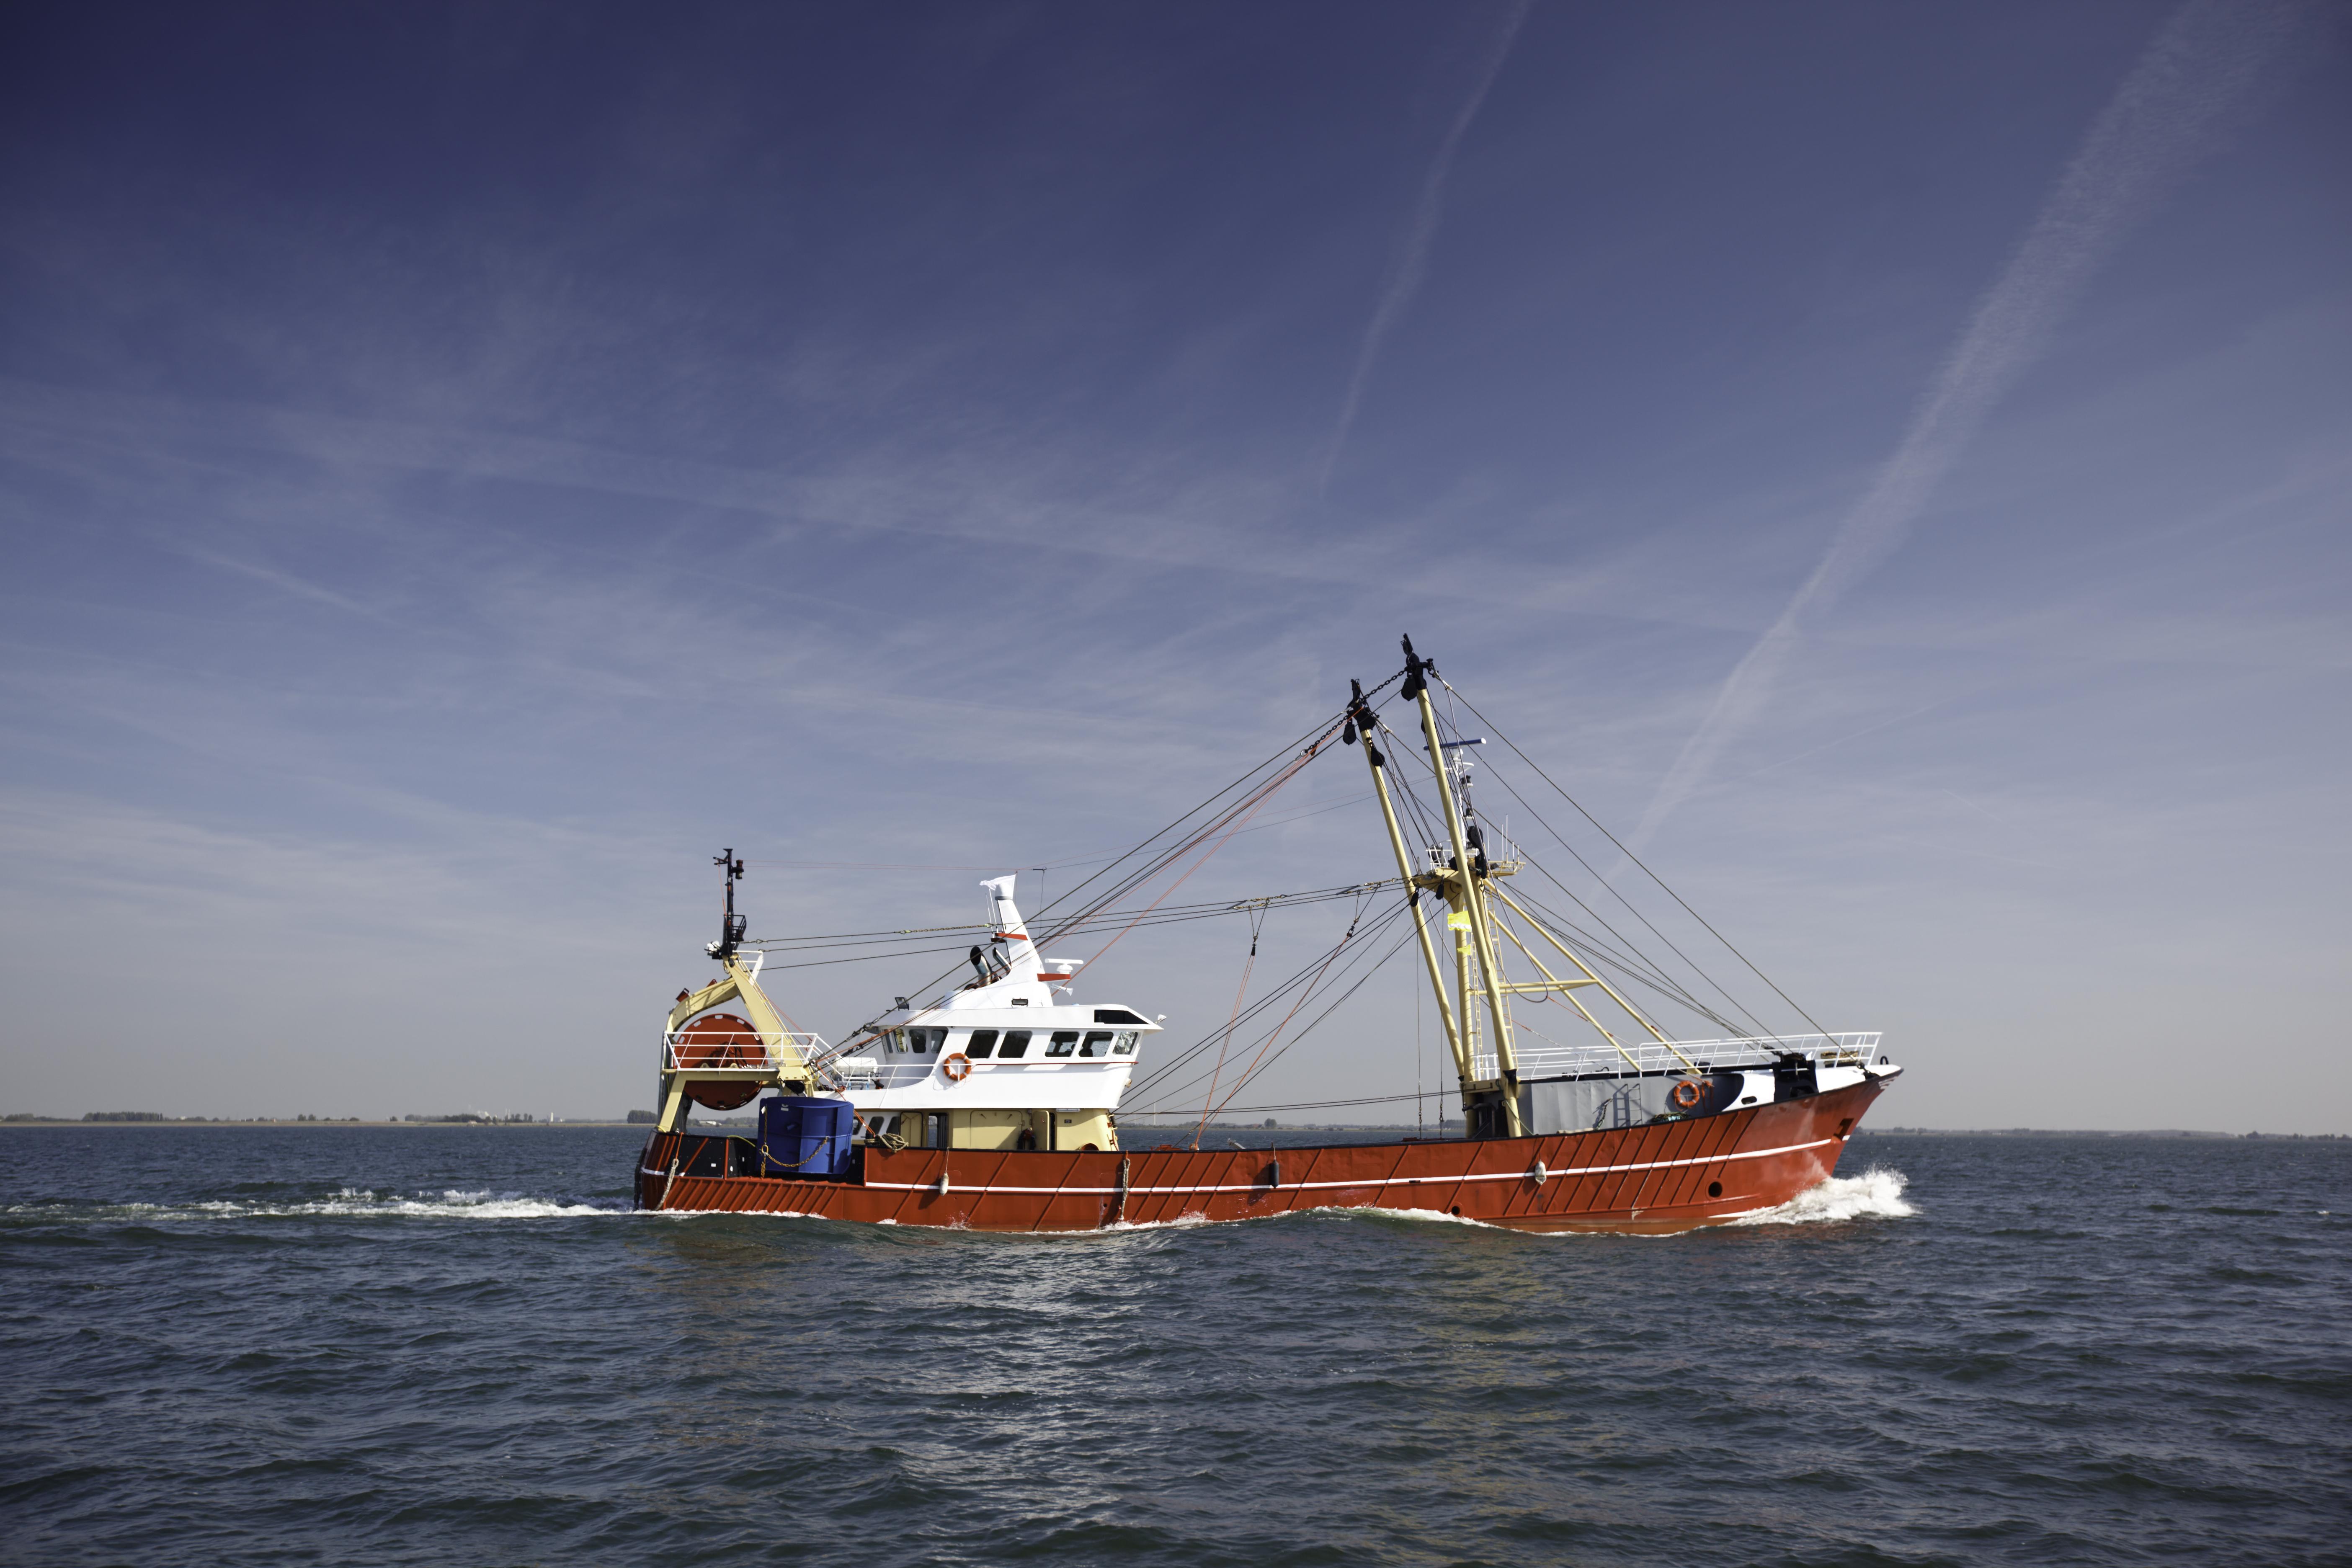 Forskning: Bundslæbende redskaber udleder store mængder CO2 i havet